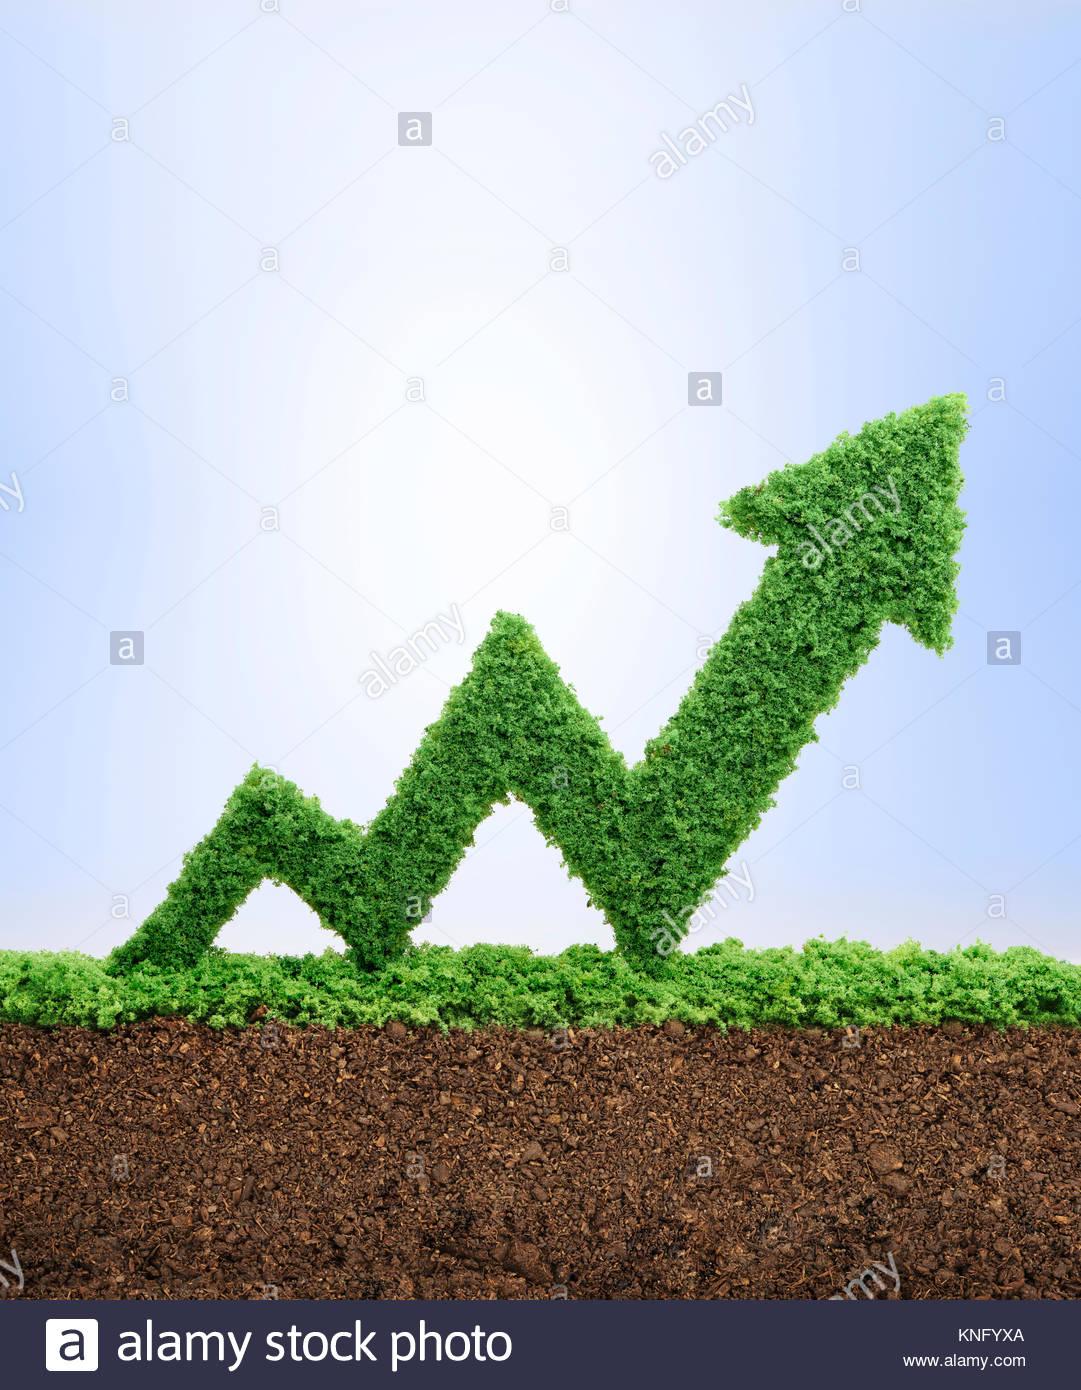 Gras wächst in der Form eines Pfeils graph, symbolisiert die Sorgfalt und Hingabe für Fortschritt, Erfolg Stockbild